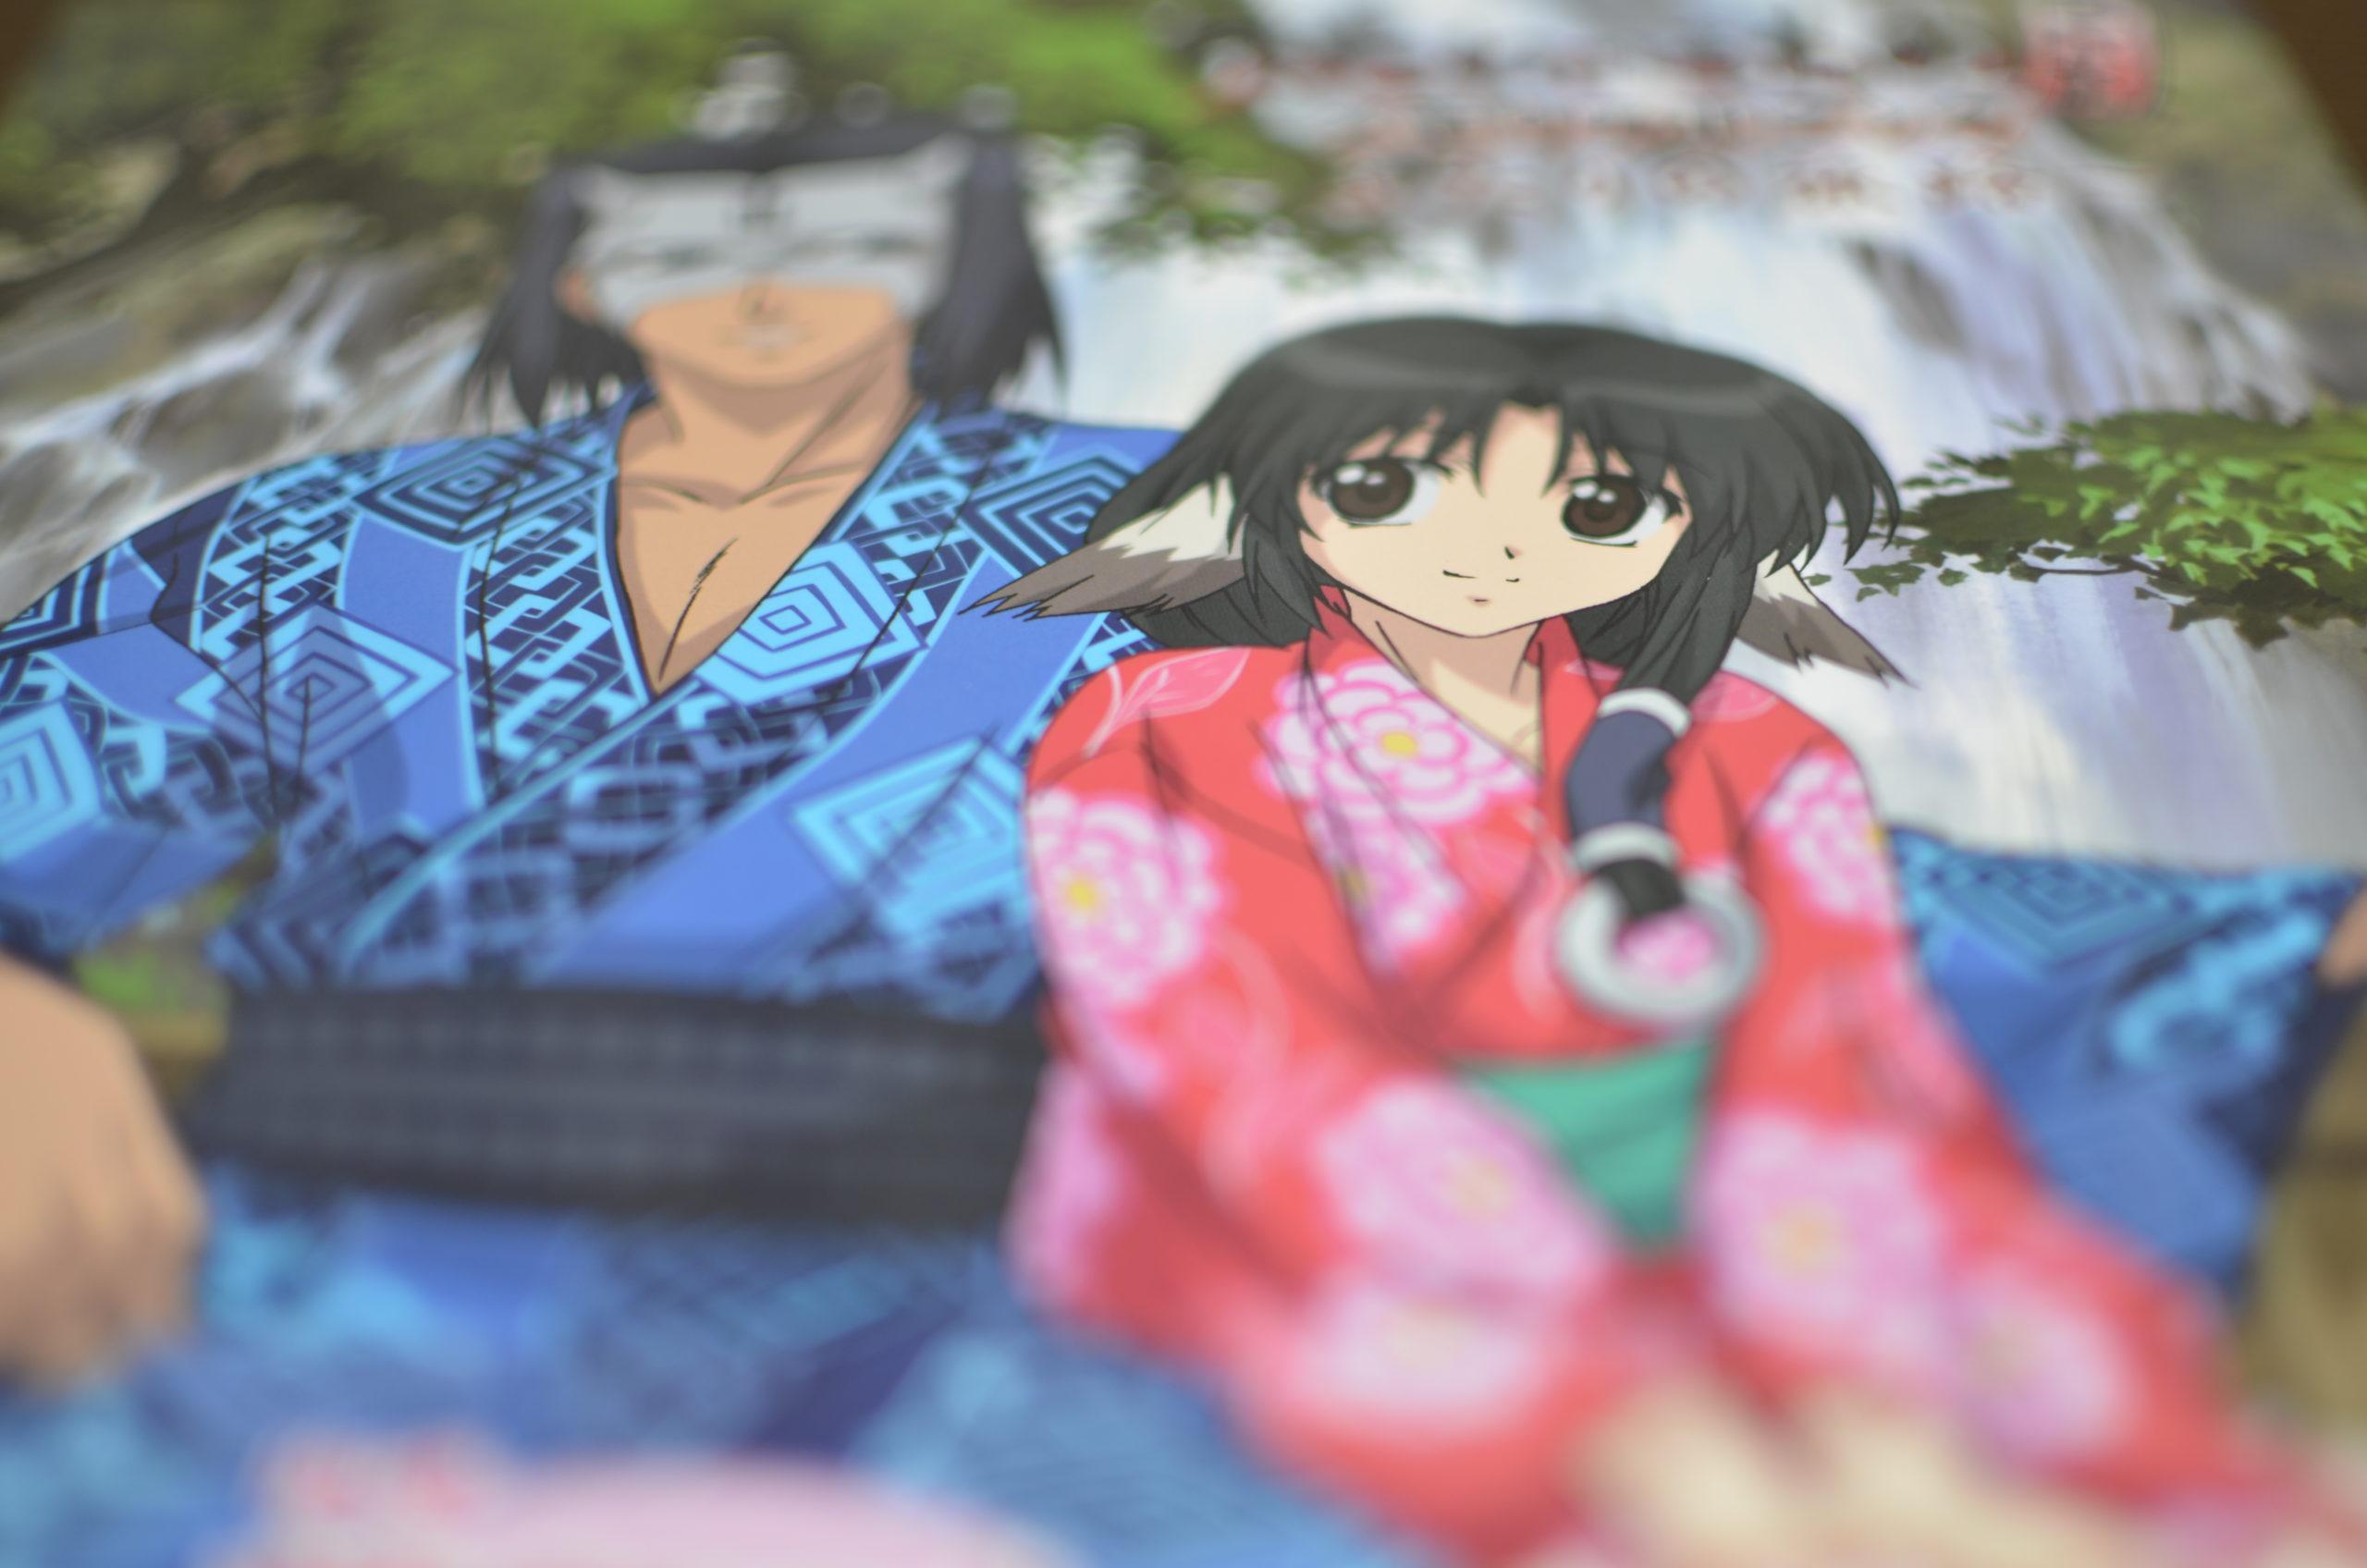 2000年代おすすめアニメ作品3選